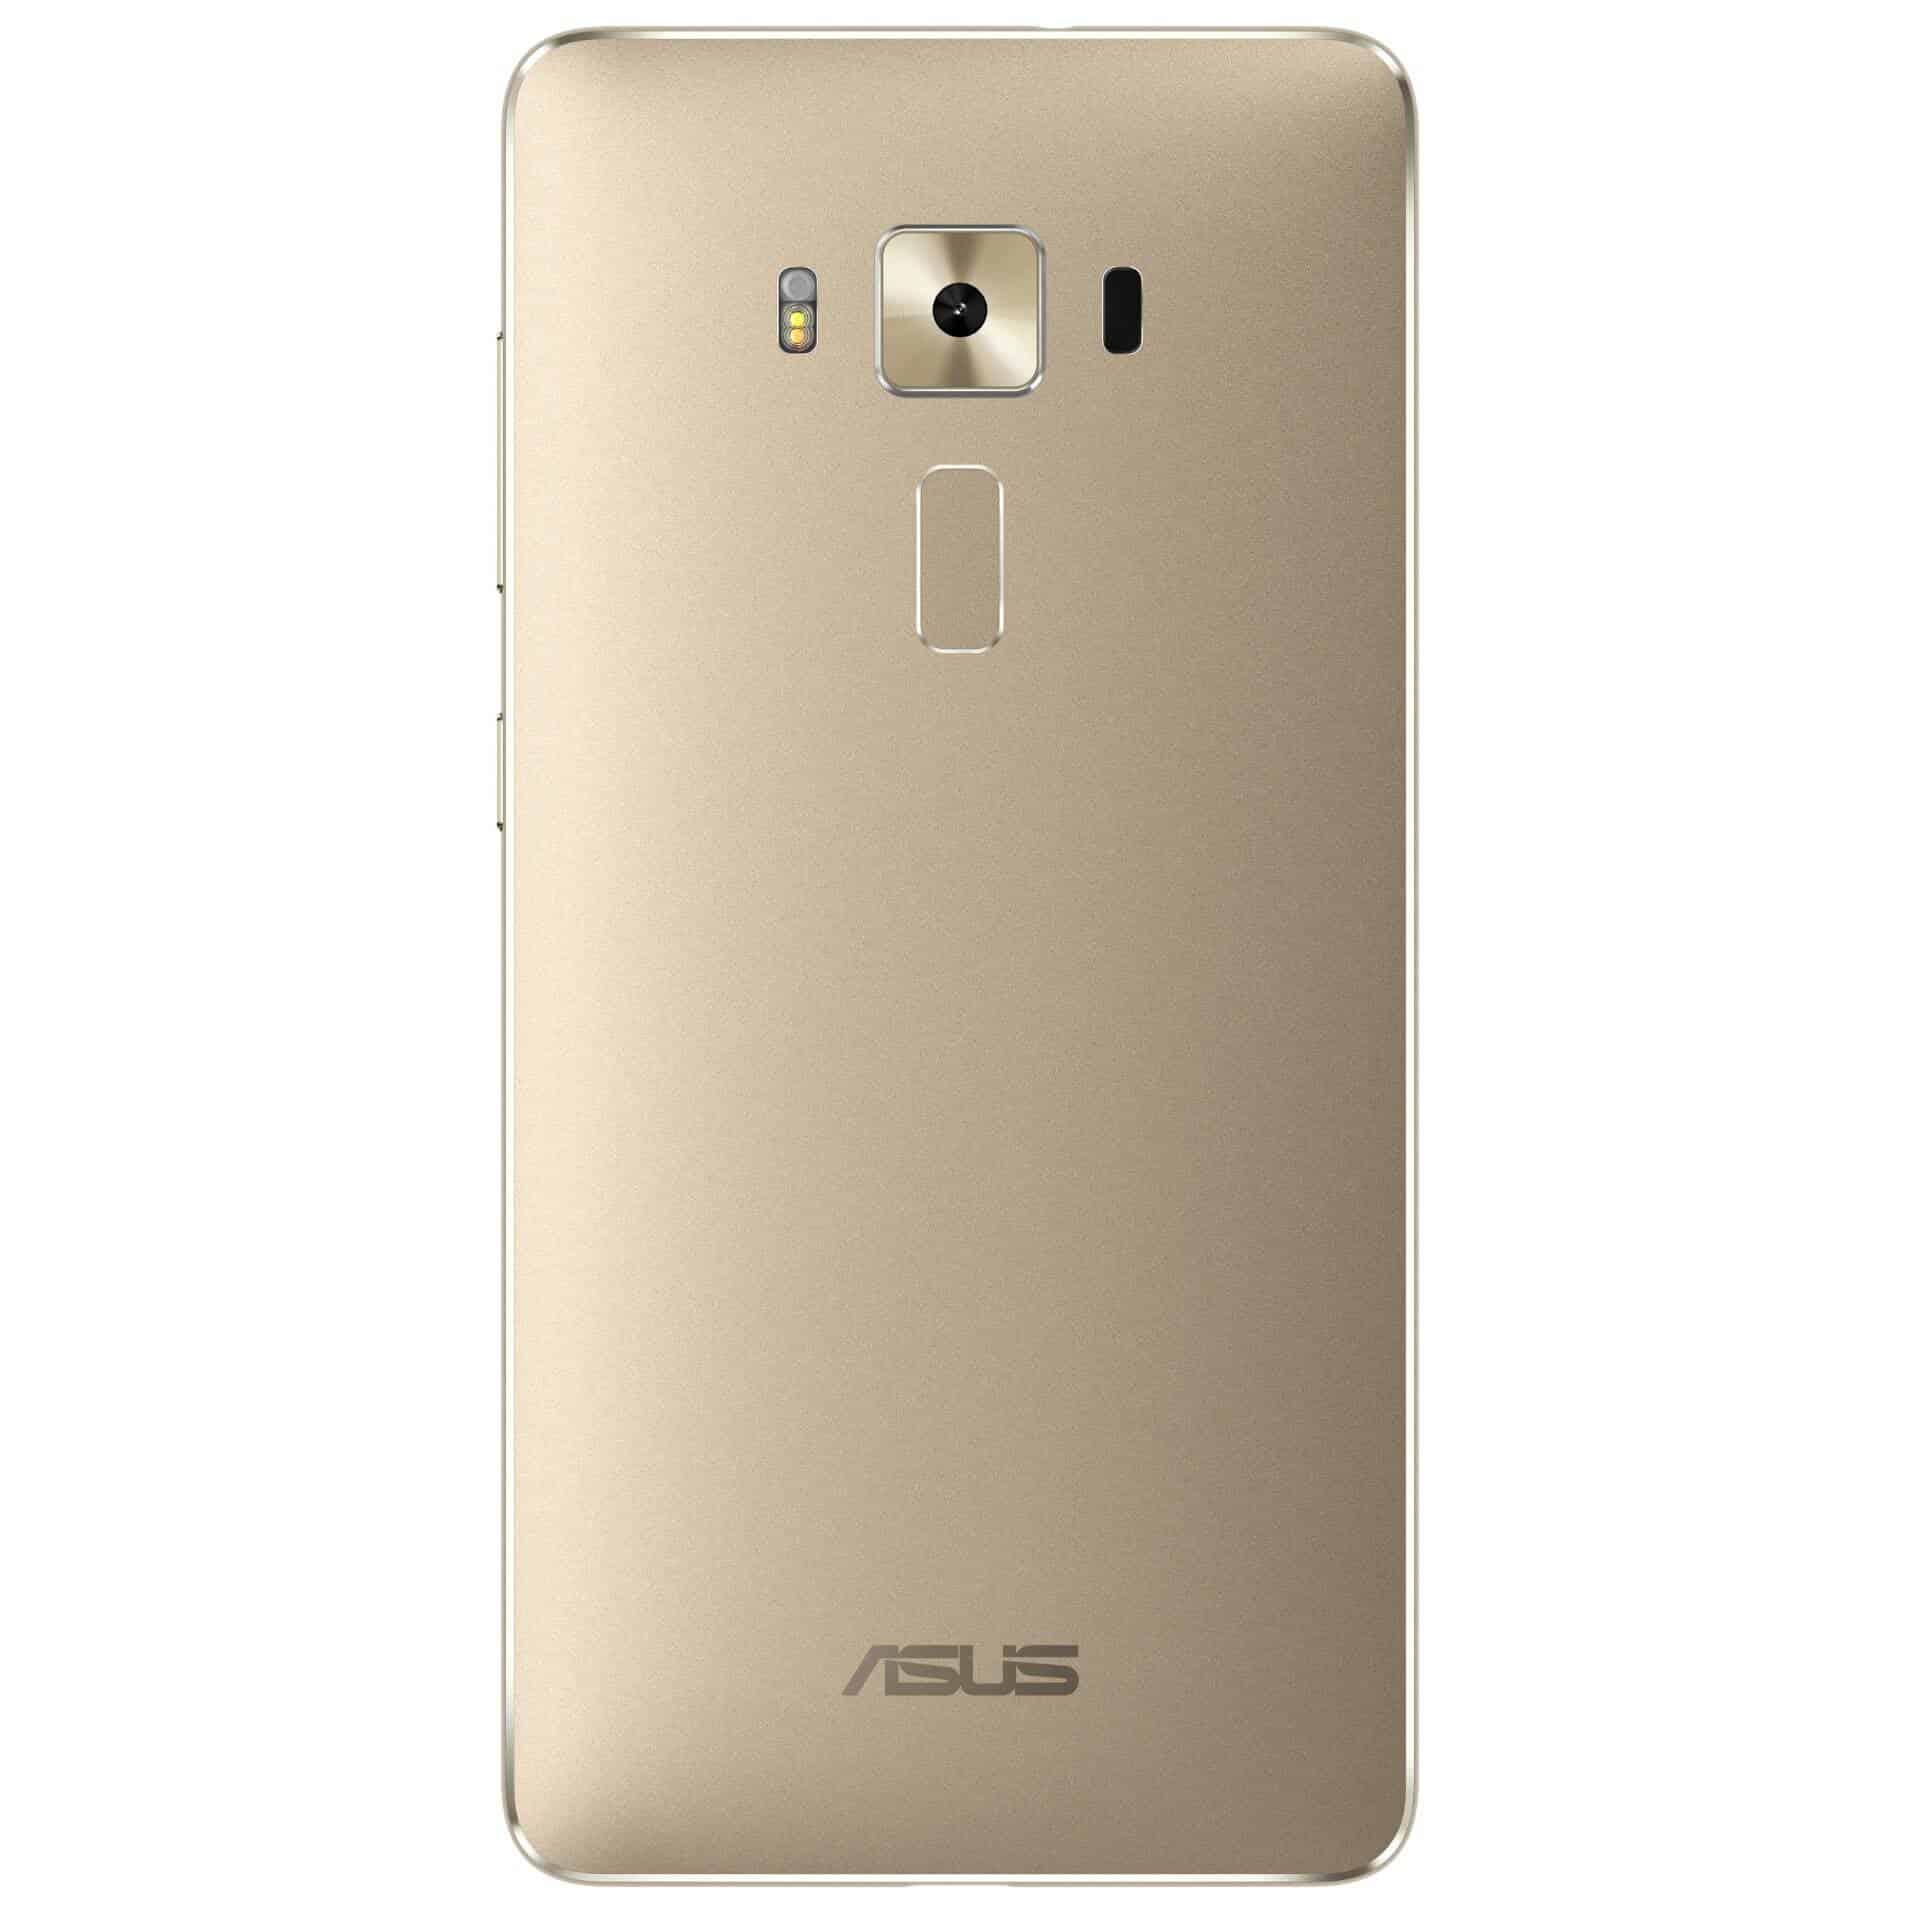 ASUS ZenFone 3 Deluxe 15